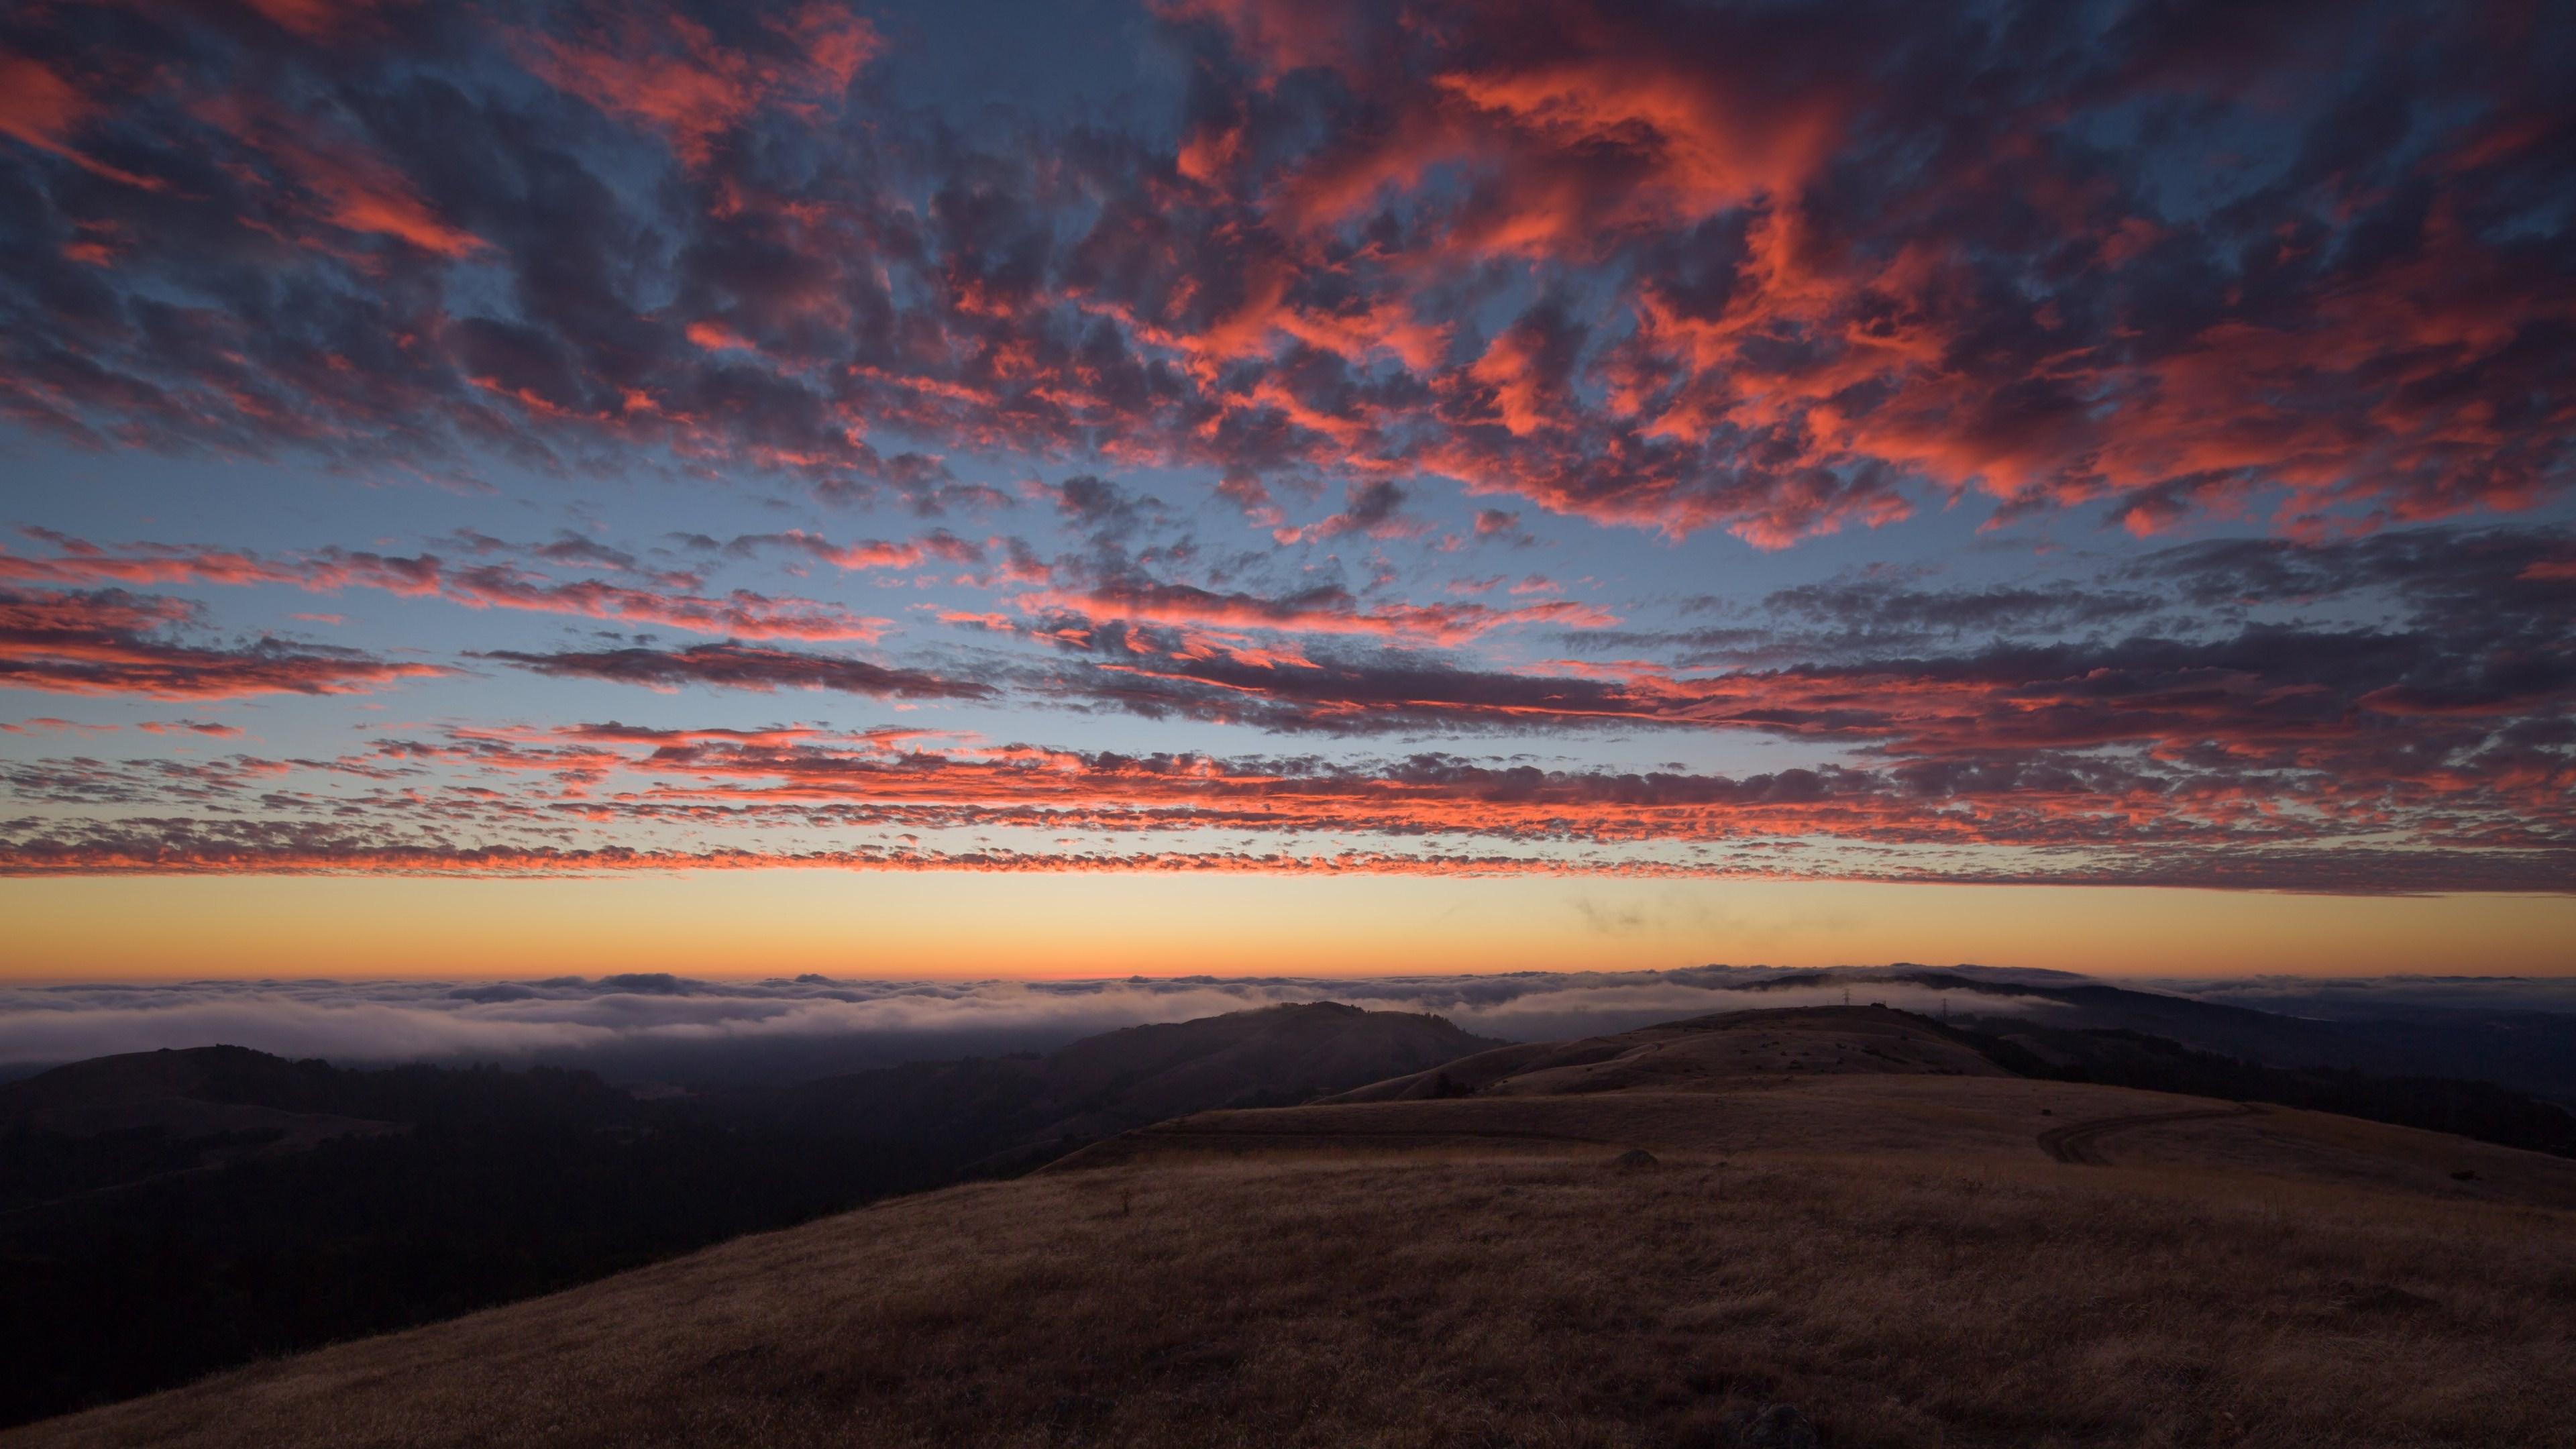 黄昏 黄昏云 天空 云彩 土地 自然风景 唯美黄昏 图片大全 高清图片